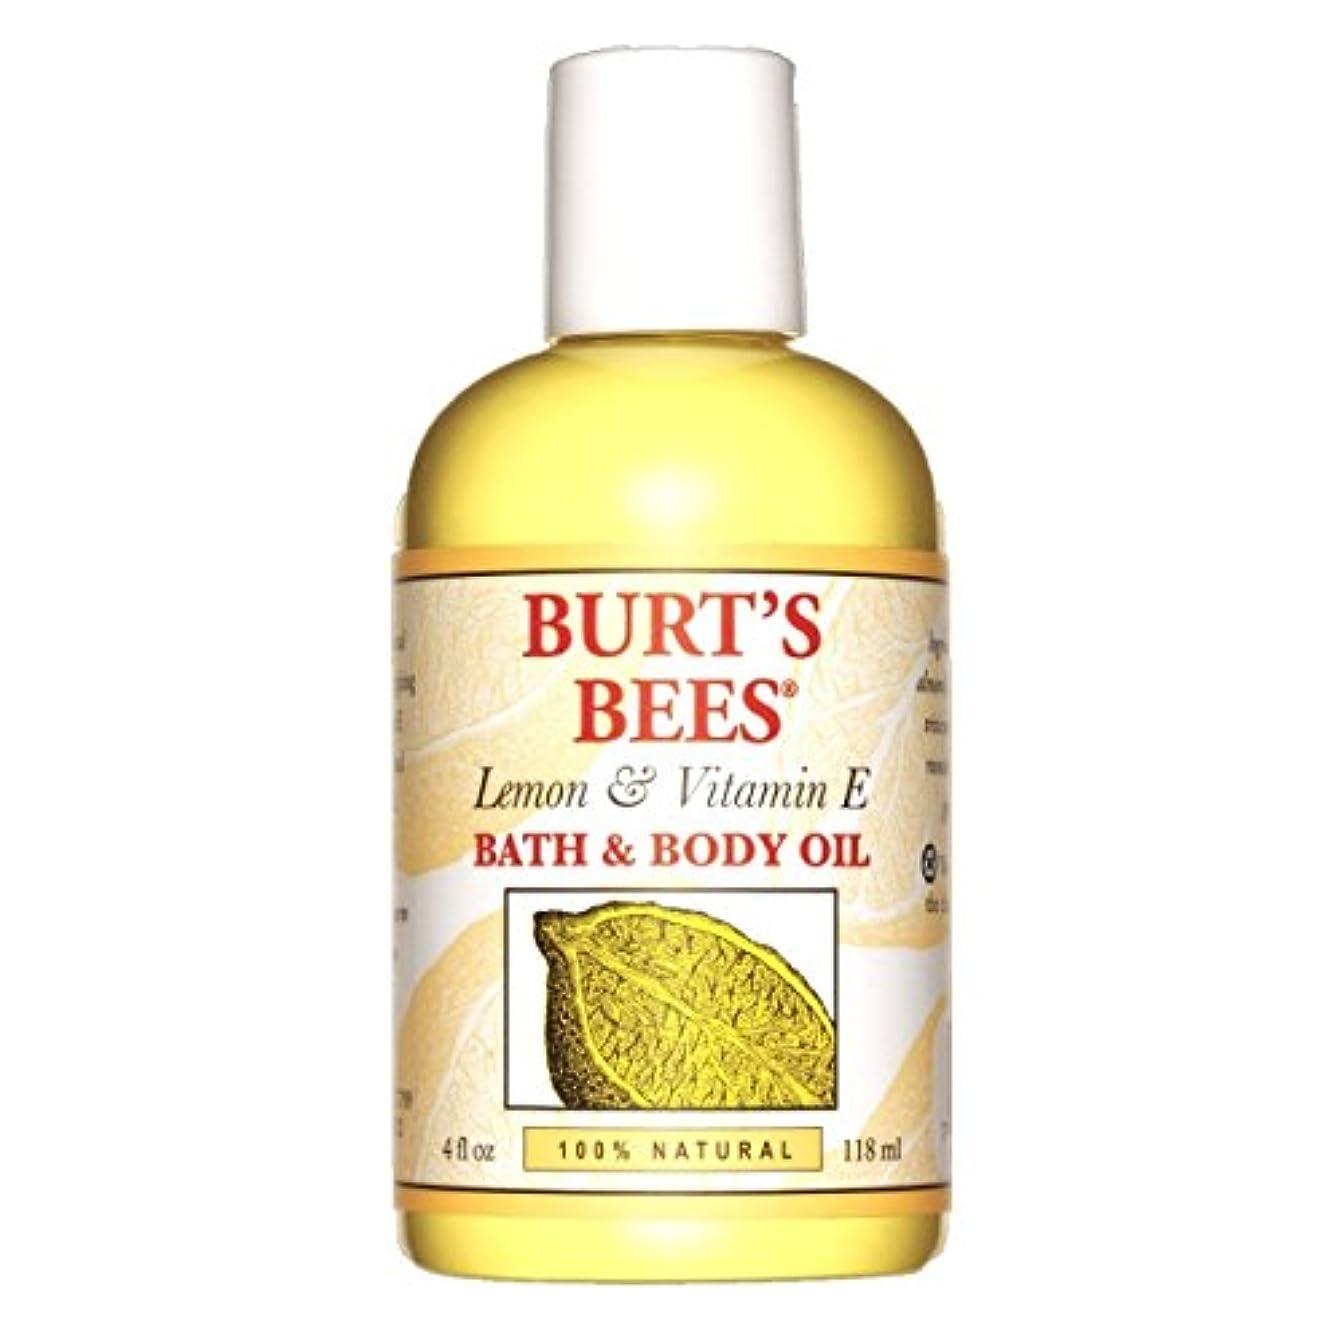 バーツビーズ(Burt's Bees) レモン&ビタミンE バスアンドボディオイル 118ml [海外直送品][並行輸入品]